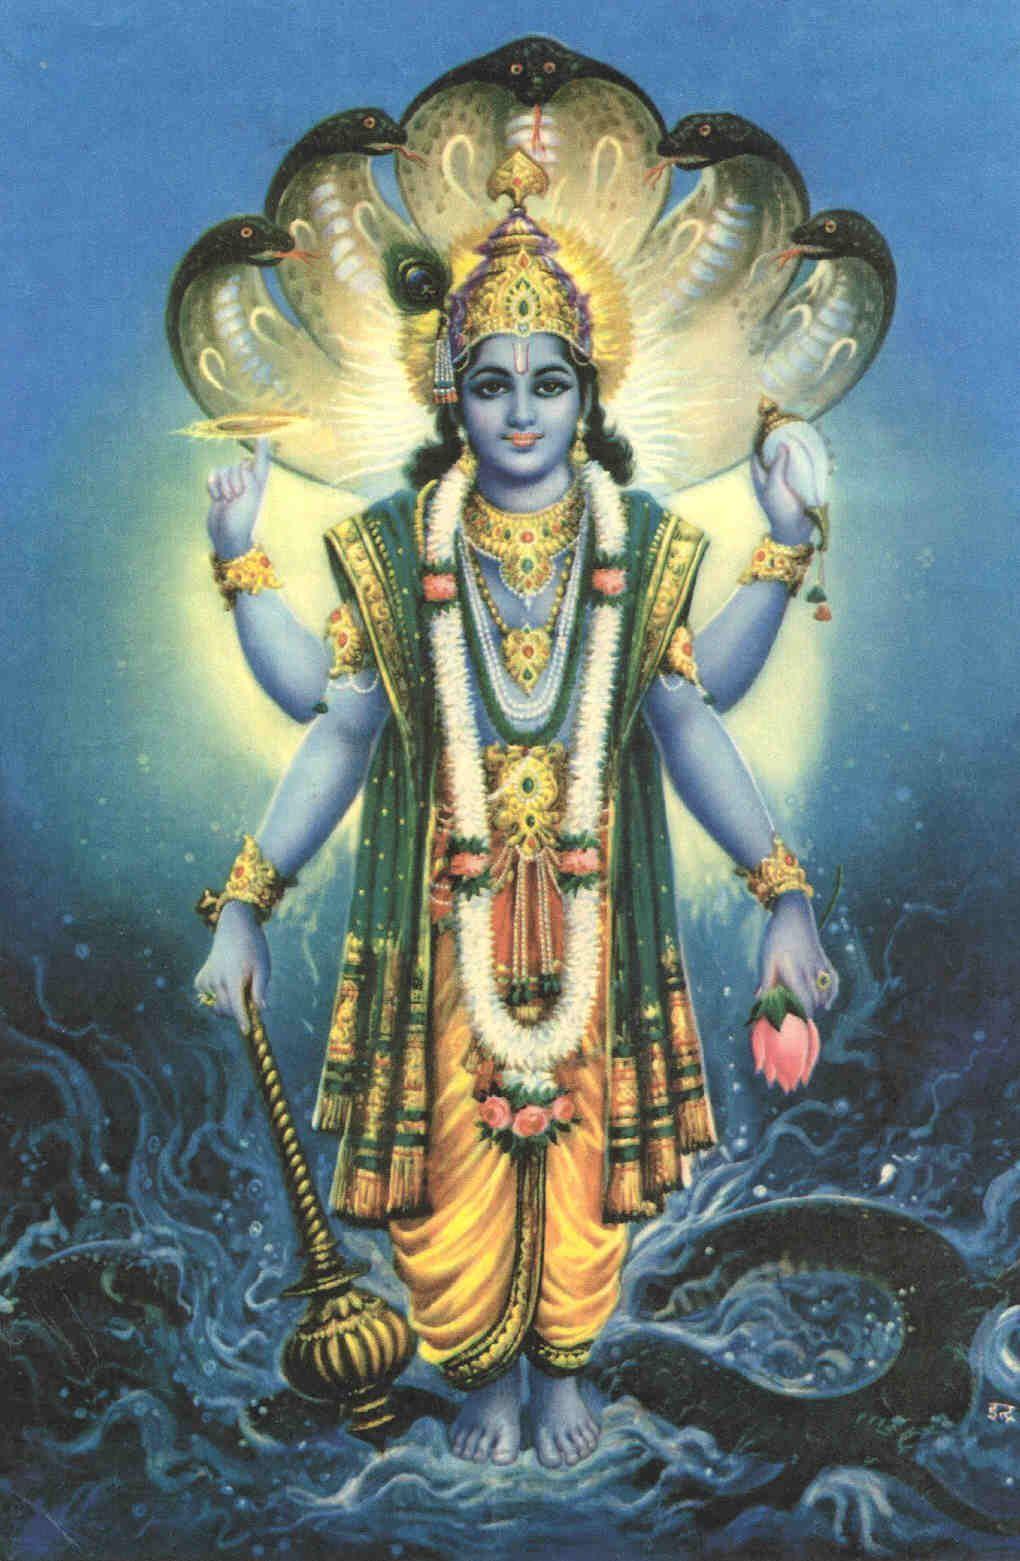 Best Wallpaper Lord Mahavishnu - 5be6c7f77b4ad2a8f8276db45eb6ea17  Gallery_995723.jpg